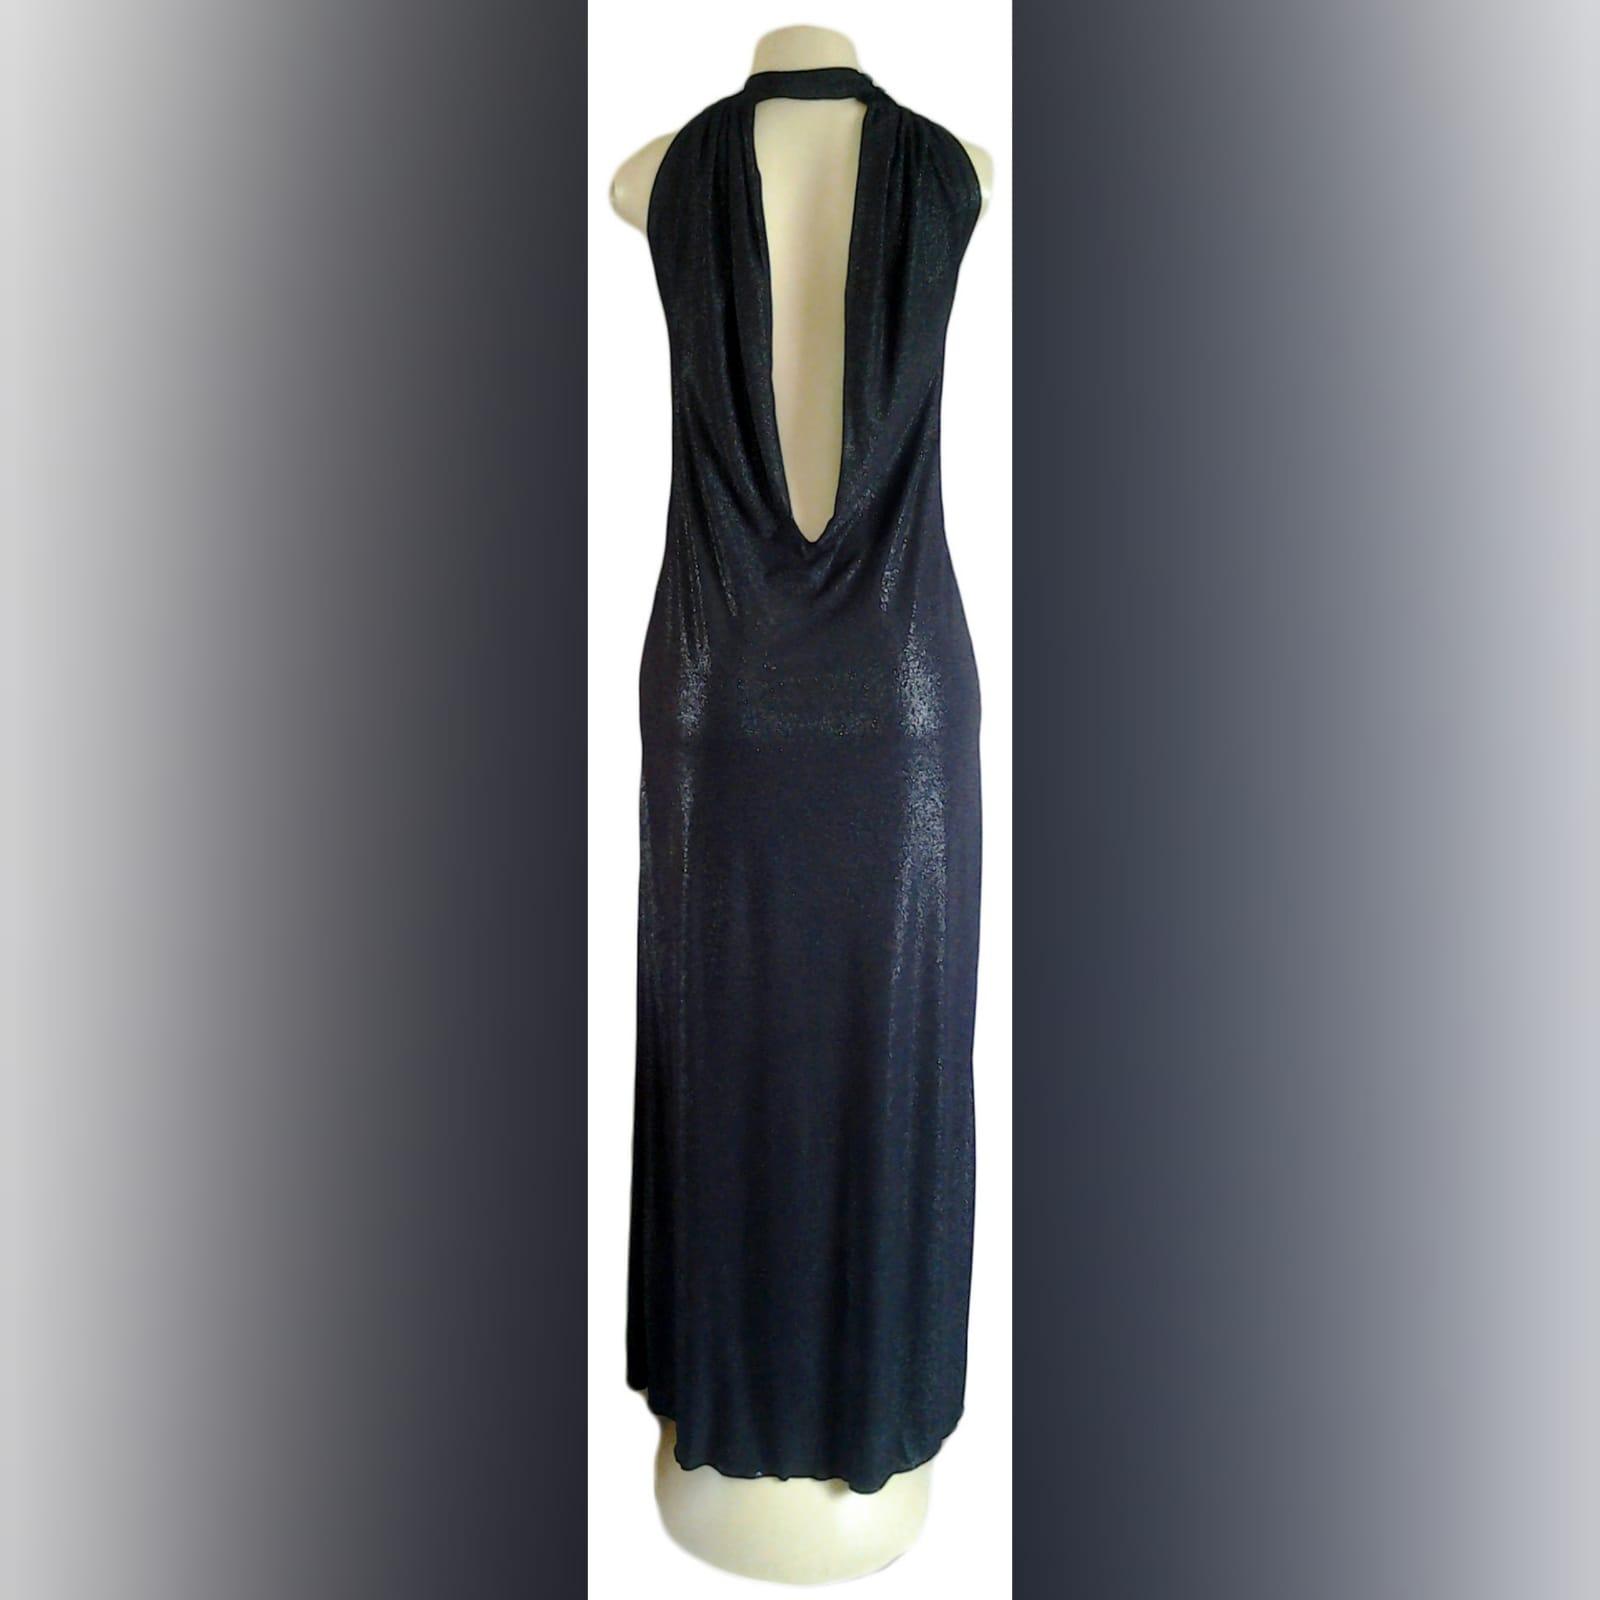 Vestido de noite preto brilhante longo 1 vestido de noite preto brilhante longo, com decote da frente recolhido, e um baixo cowl neck aberto na parte de trás, com uma fenda lateral.